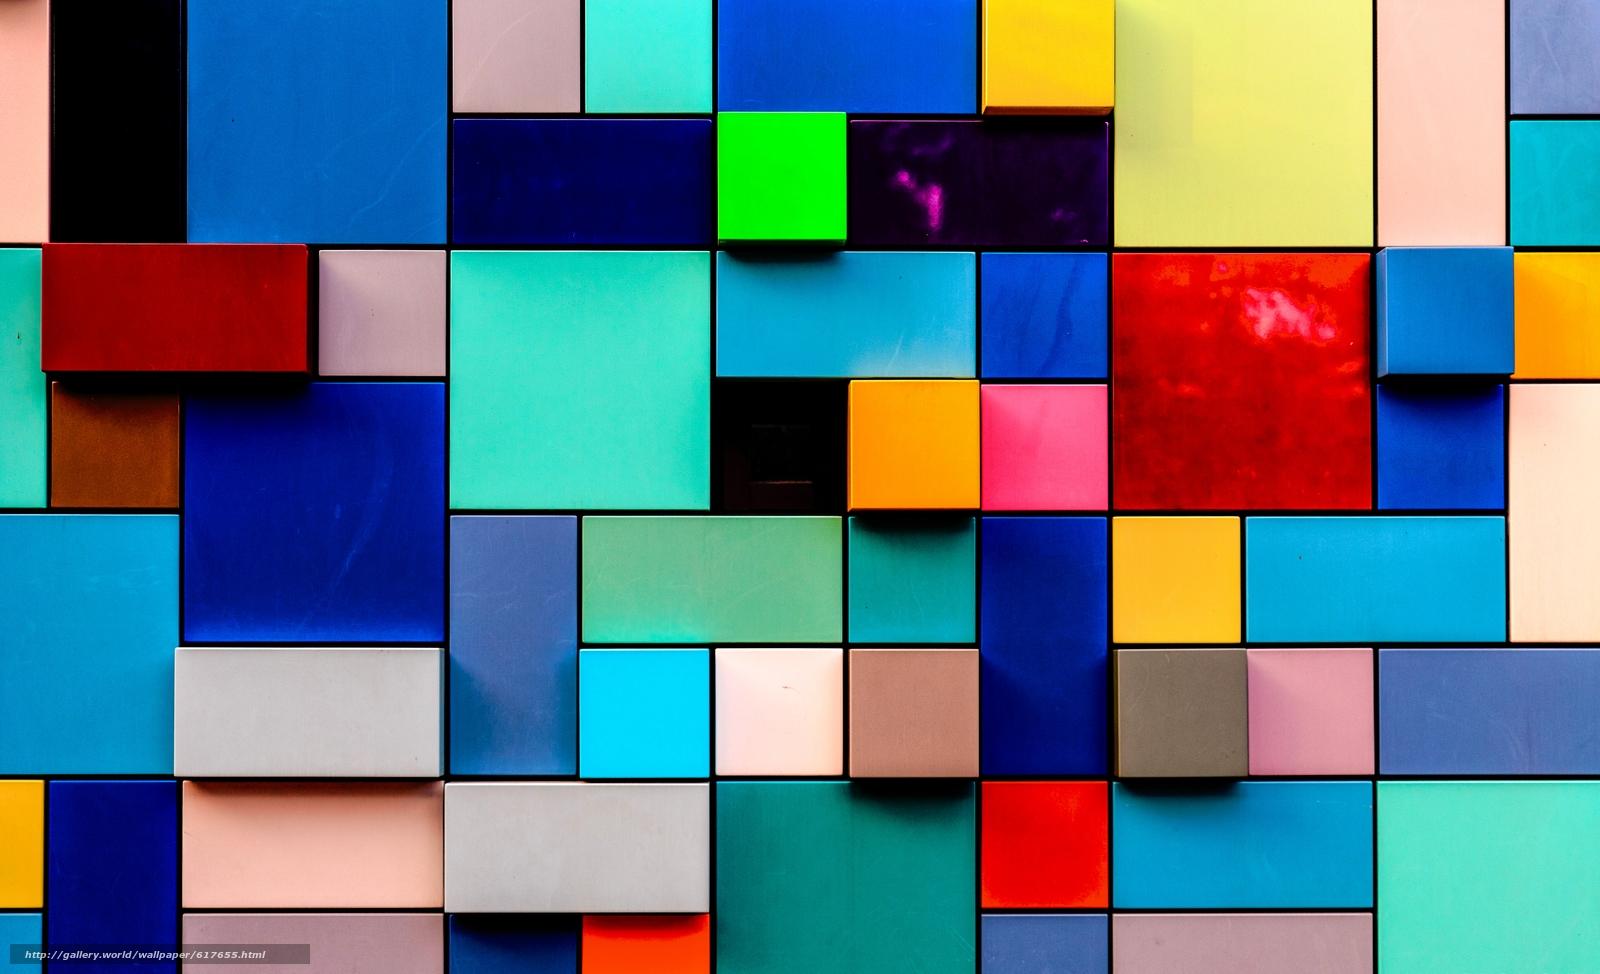 технологических вместо фото цветные квадраты недвижимости без посредников